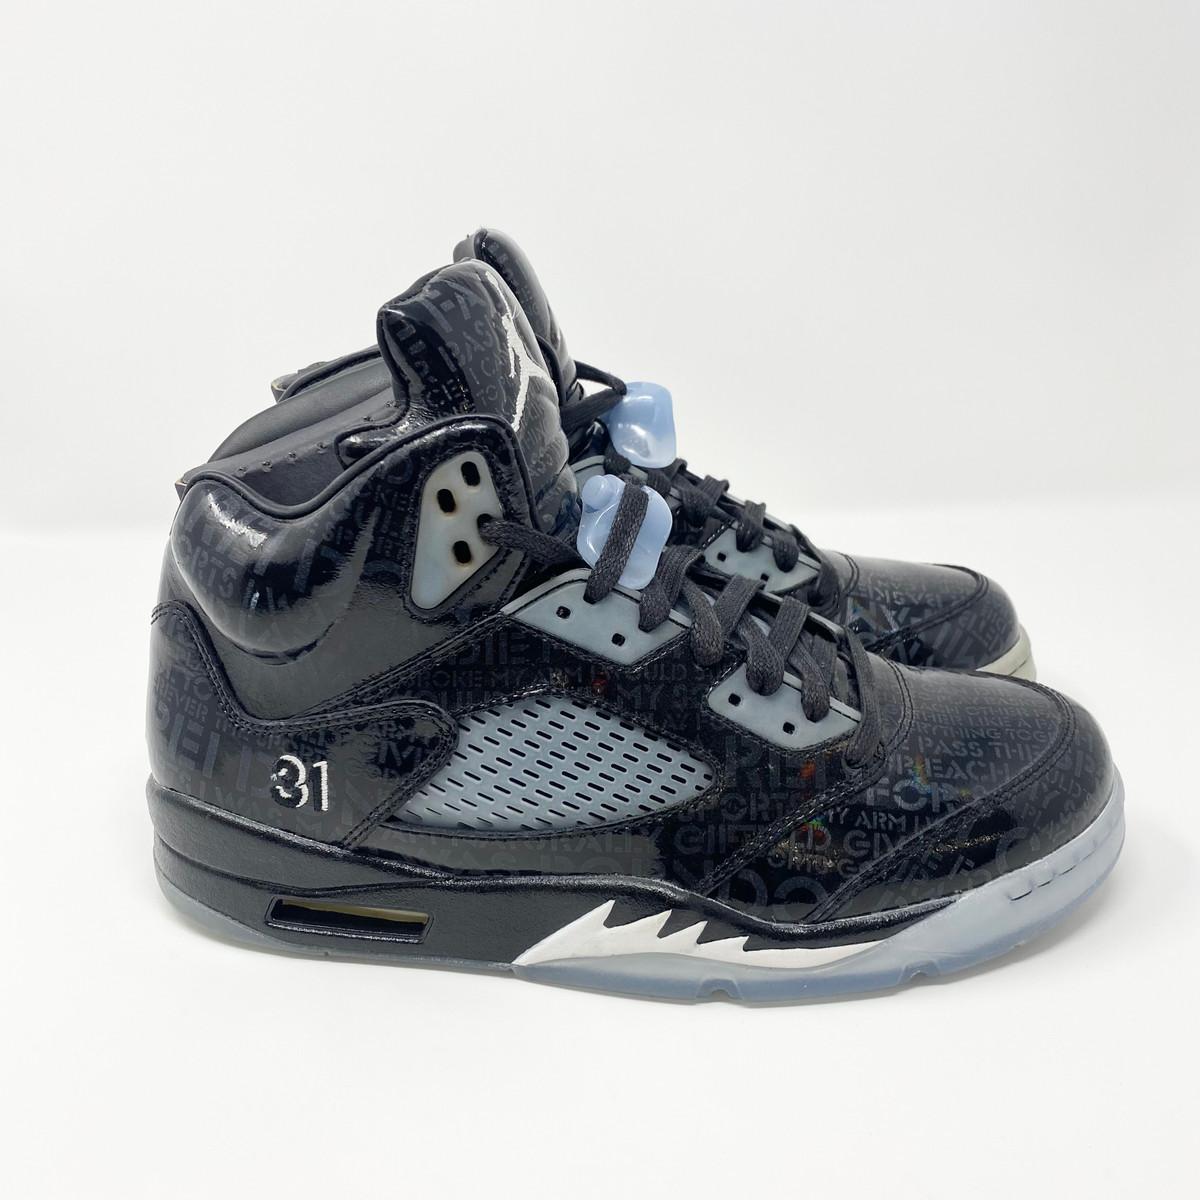 Air Jordan 5 Doernbecher